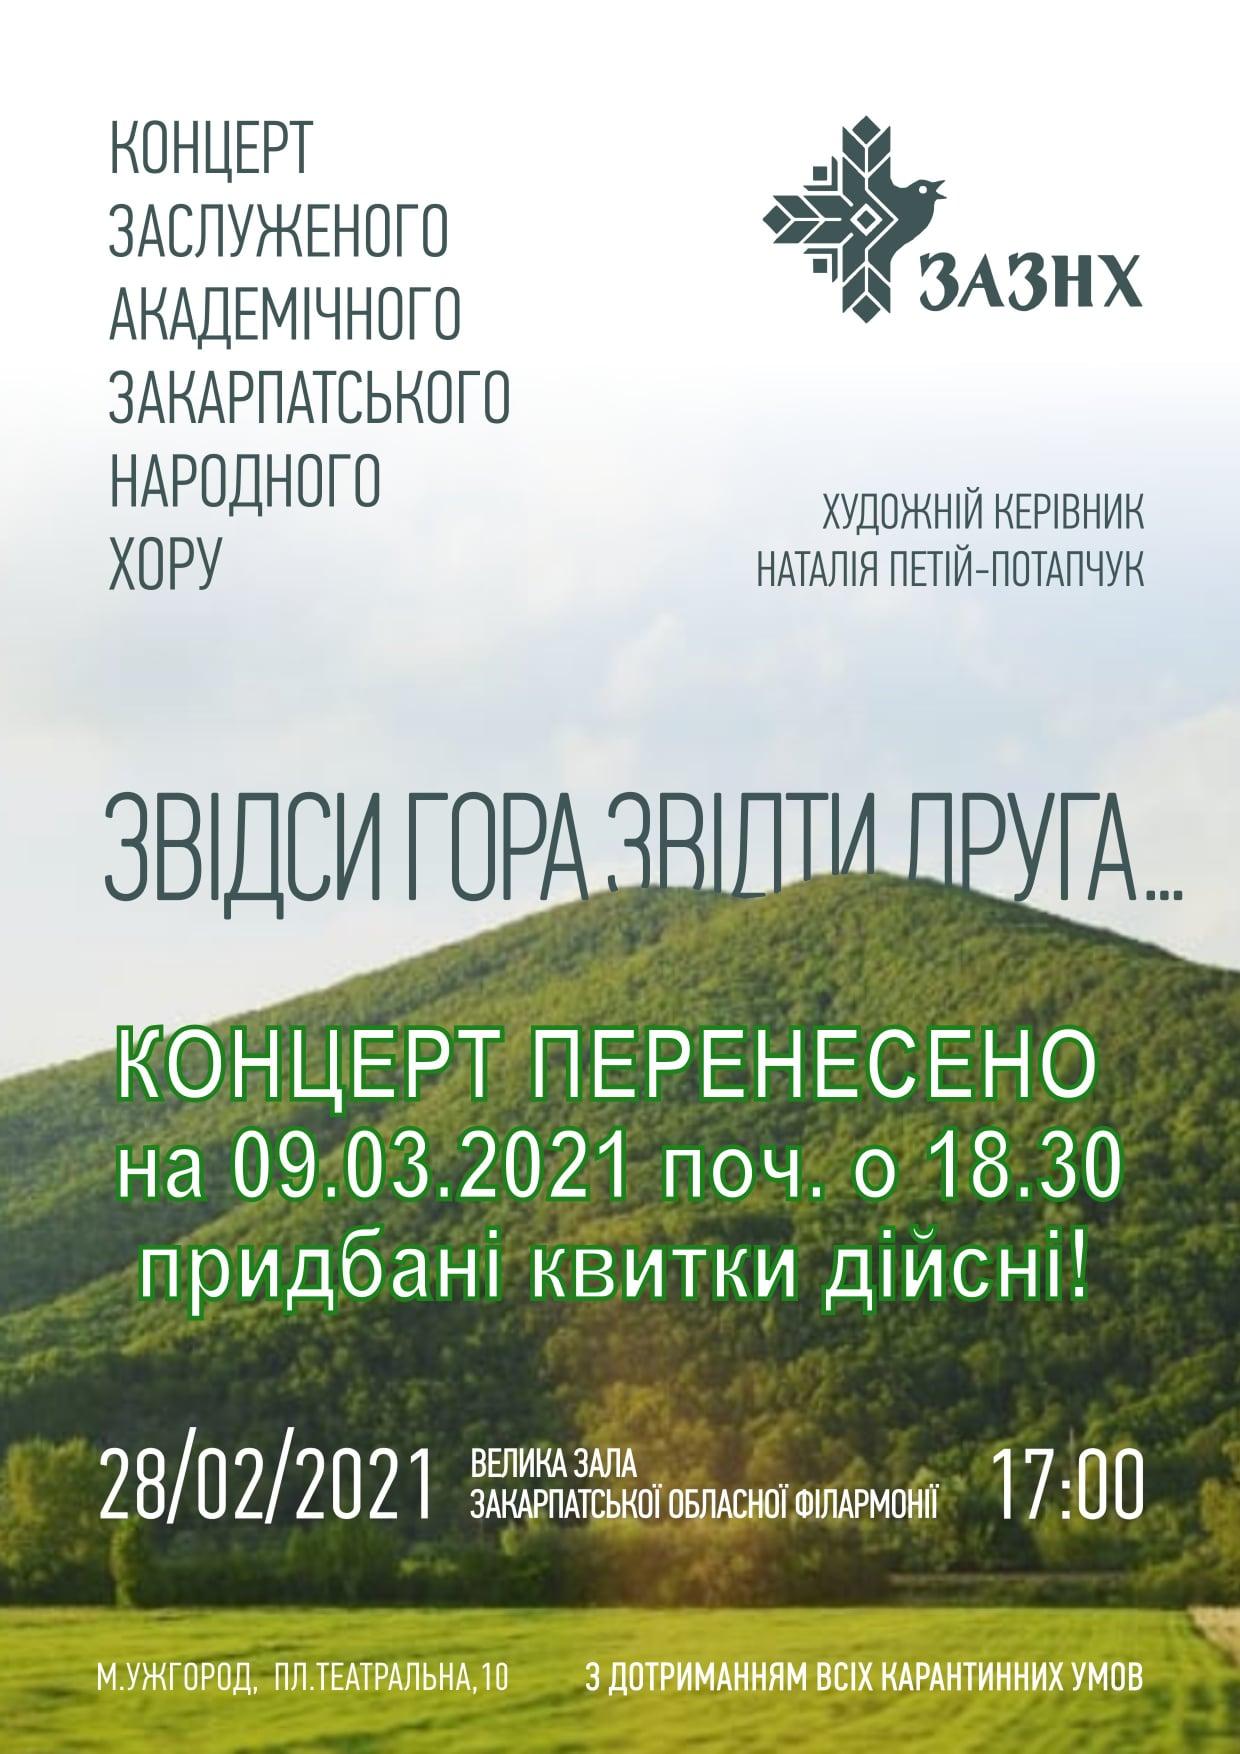 Запланований на 28 лютого концерт Закарпатського народного хору – перенесено